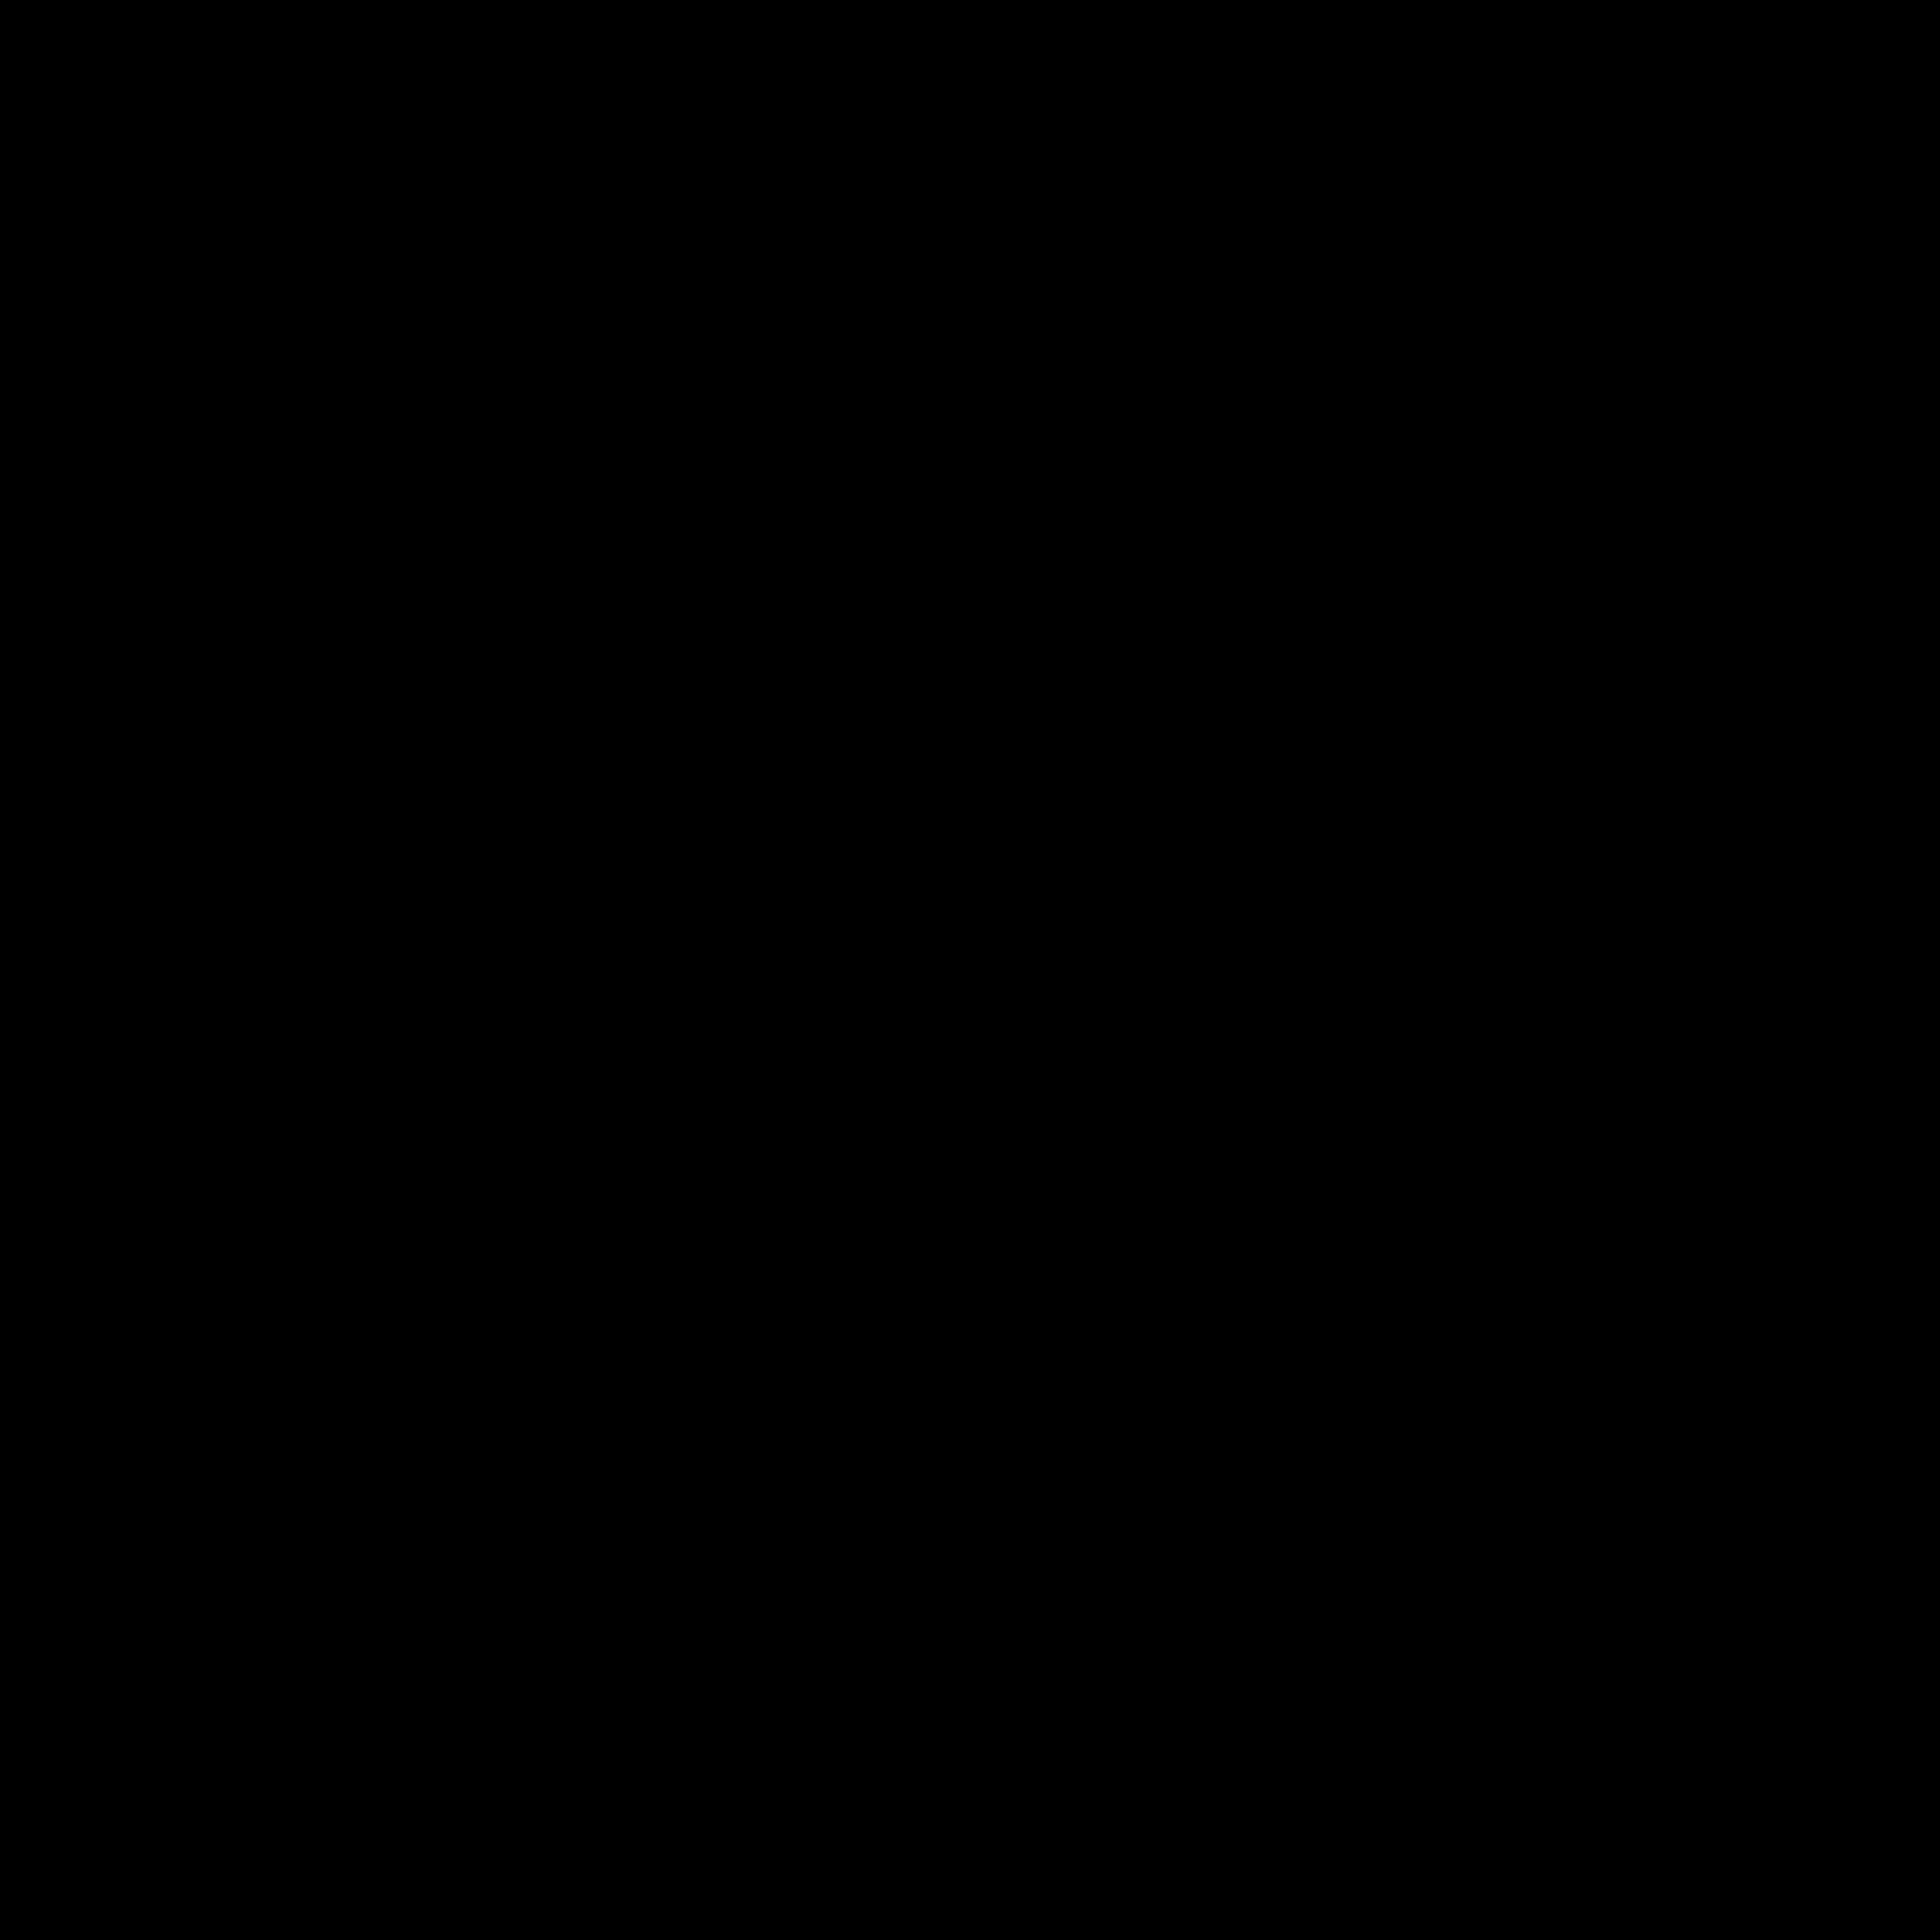 Trophäen Leitfaden Grand Theft Auto V Grand Theft Auto V